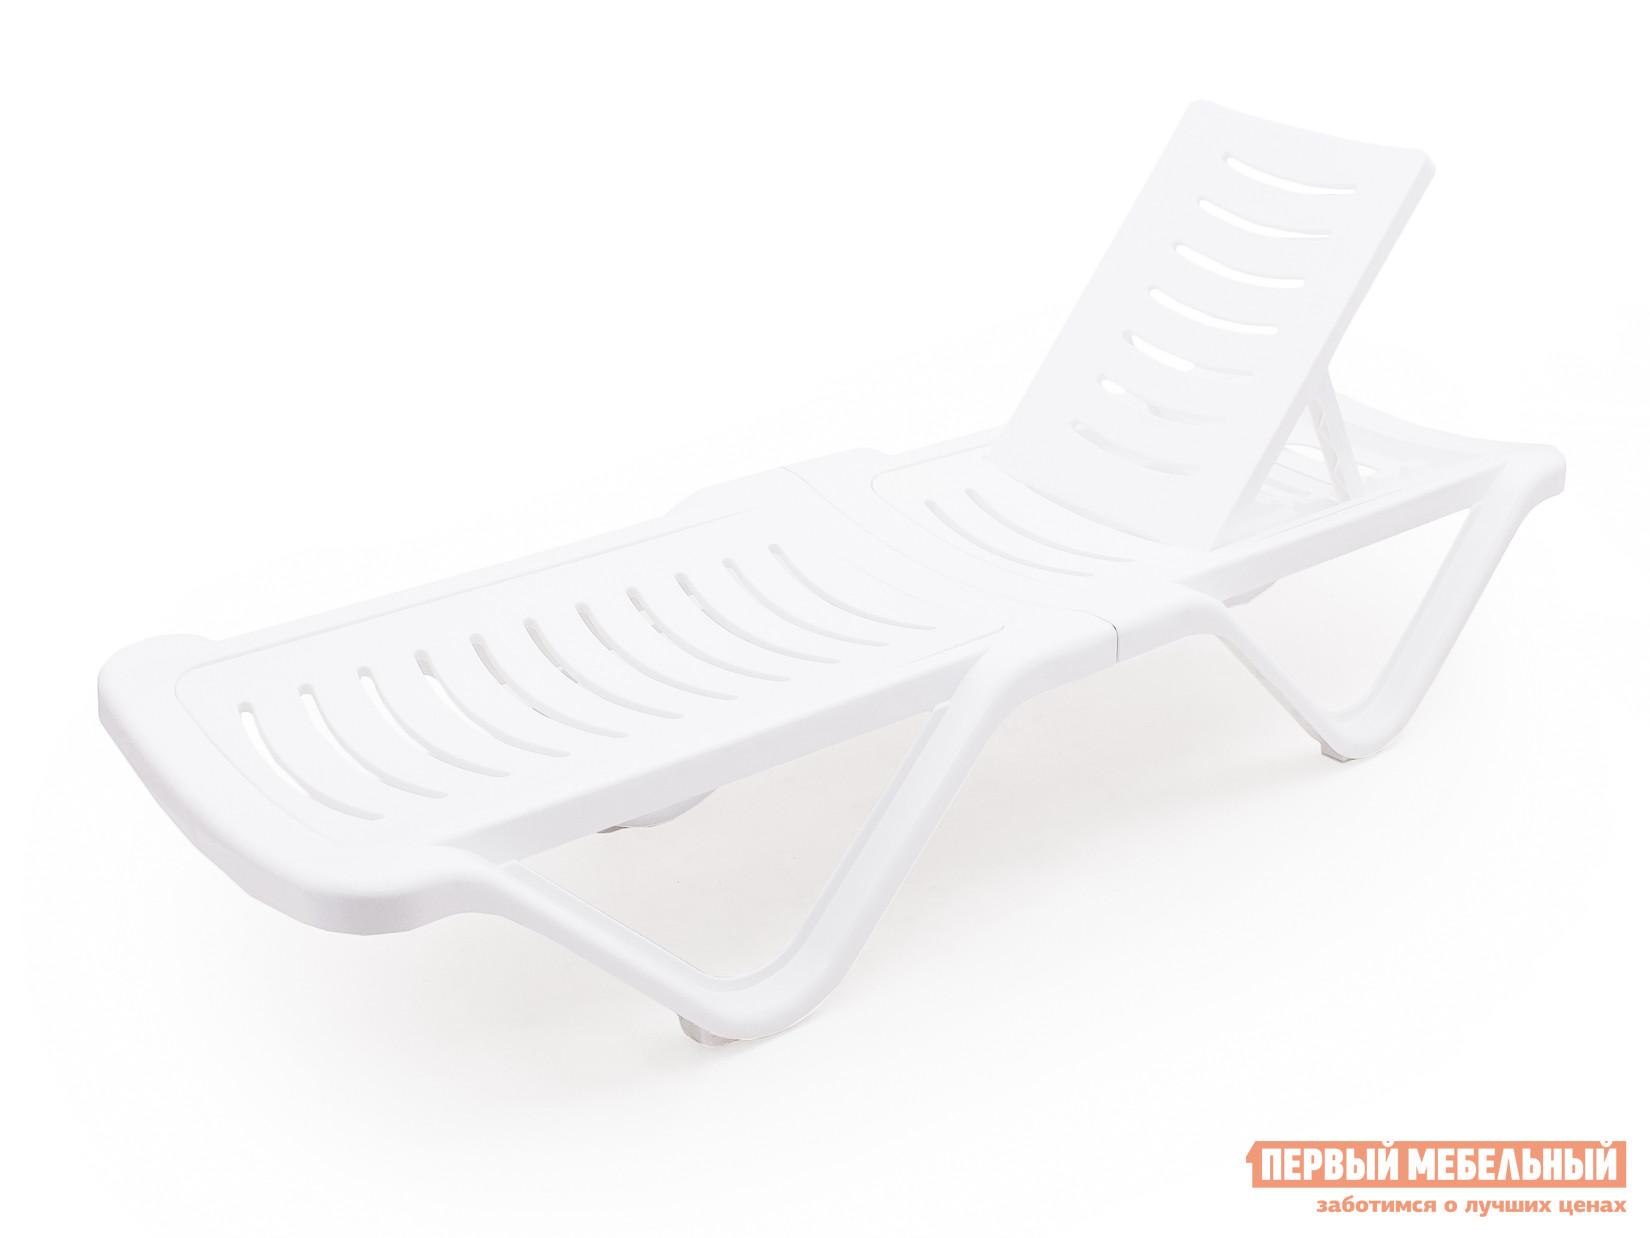 Шезлонг АТР Шезлонг (1920х620х320) белый БелыйЛежаки и шезлонги<br>Габаритные размеры ВхШхГ 320x620x1920 мм. Пляжный лежак Гренис АТР популярного белого цвета.  Спинка имеет четыре уровня: от полностью лежачего до практически вертикального.  Приятная гладкая поверхность пластика дает возможность расположиться на лежаке и без вспомогательных аксессуаров (покрывал, матрасов и т. д. ), но лучше использовать специальные матрасы, с ними уровень комфорта сильно повышается. Такие лежаки также могут быть полезны и в отелях, санаториях и на курортах.  Их удобно хранить, сложив друг на друга, таким образом экономится место.  Важным преимуществом этого шезлонга является наличие колесиков во всех опорах.  Вы сможете взять шезлонг с любой стороны и легко покатить за собой по ровной поверхности.  Пластиковые накладки на опорах обеспечивают устойчивость даже на ровном полу, а также защищают пол от царапин. Изделие рассчитано на одного человека и может выдержать нагрузку весом до 120 кг.  Модель поставляется в собранном виде и имеет литой каркас.  Невзирая на то, что данный лежак не складывается, его легко переносить ввиду малого веса.  В упаковке лежак весит 10,95 кг.  Высота составляет 320 мм, ширина – 620 мм, глубина – 1920 мм.  На данный аксессуар предоставляется гарантия в 1 год, но при аккуратном отношении им можно пользоваться намного дольше.  При всех достоинствах этой модели стоимость ее доступна широкому кругу покупателей.<br><br>Цвет: Белый<br>Высота мм: 320<br>Ширина мм: 620<br>Глубина мм: 1920<br>Кол-во упаковок: 1<br>Форма поставки: В собранном виде<br>Срок гарантии: 1 год<br>Тип: На колесах<br>Назначение: Для бассейна<br>Назначение: Для дачи<br>Назначение: Пляжные<br>Материал: Пластик<br>Размер: Одноместные